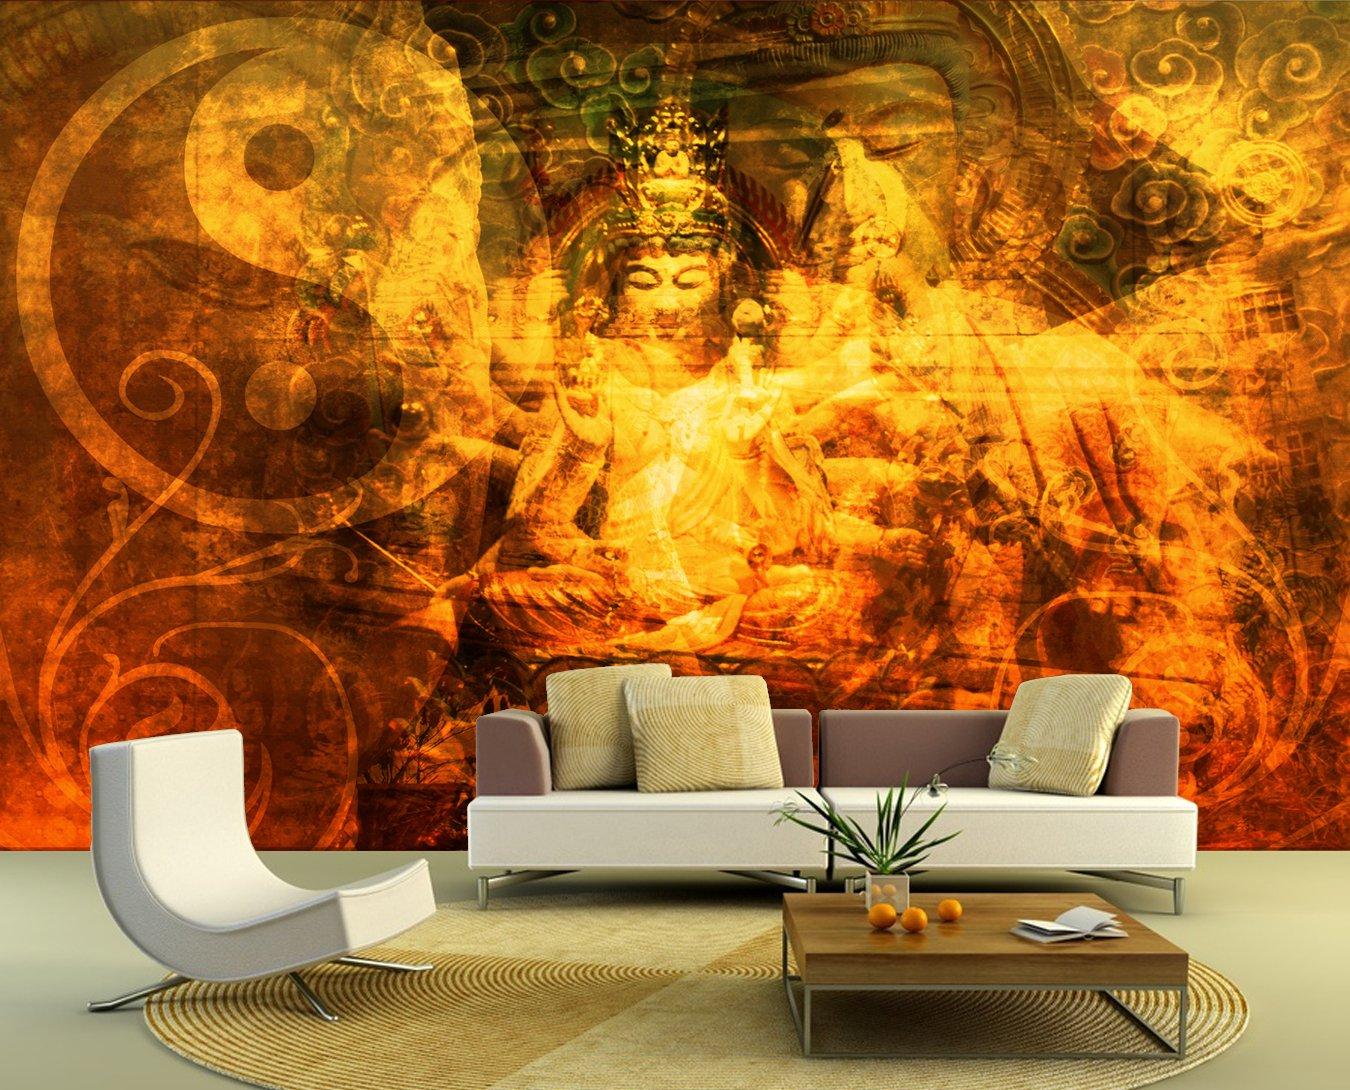 Bilderdepot24 selbstklebende Fototapete Buddha Urban 310x200 cm  direkt vom Hersteller   Kritiken und weitere Informationen